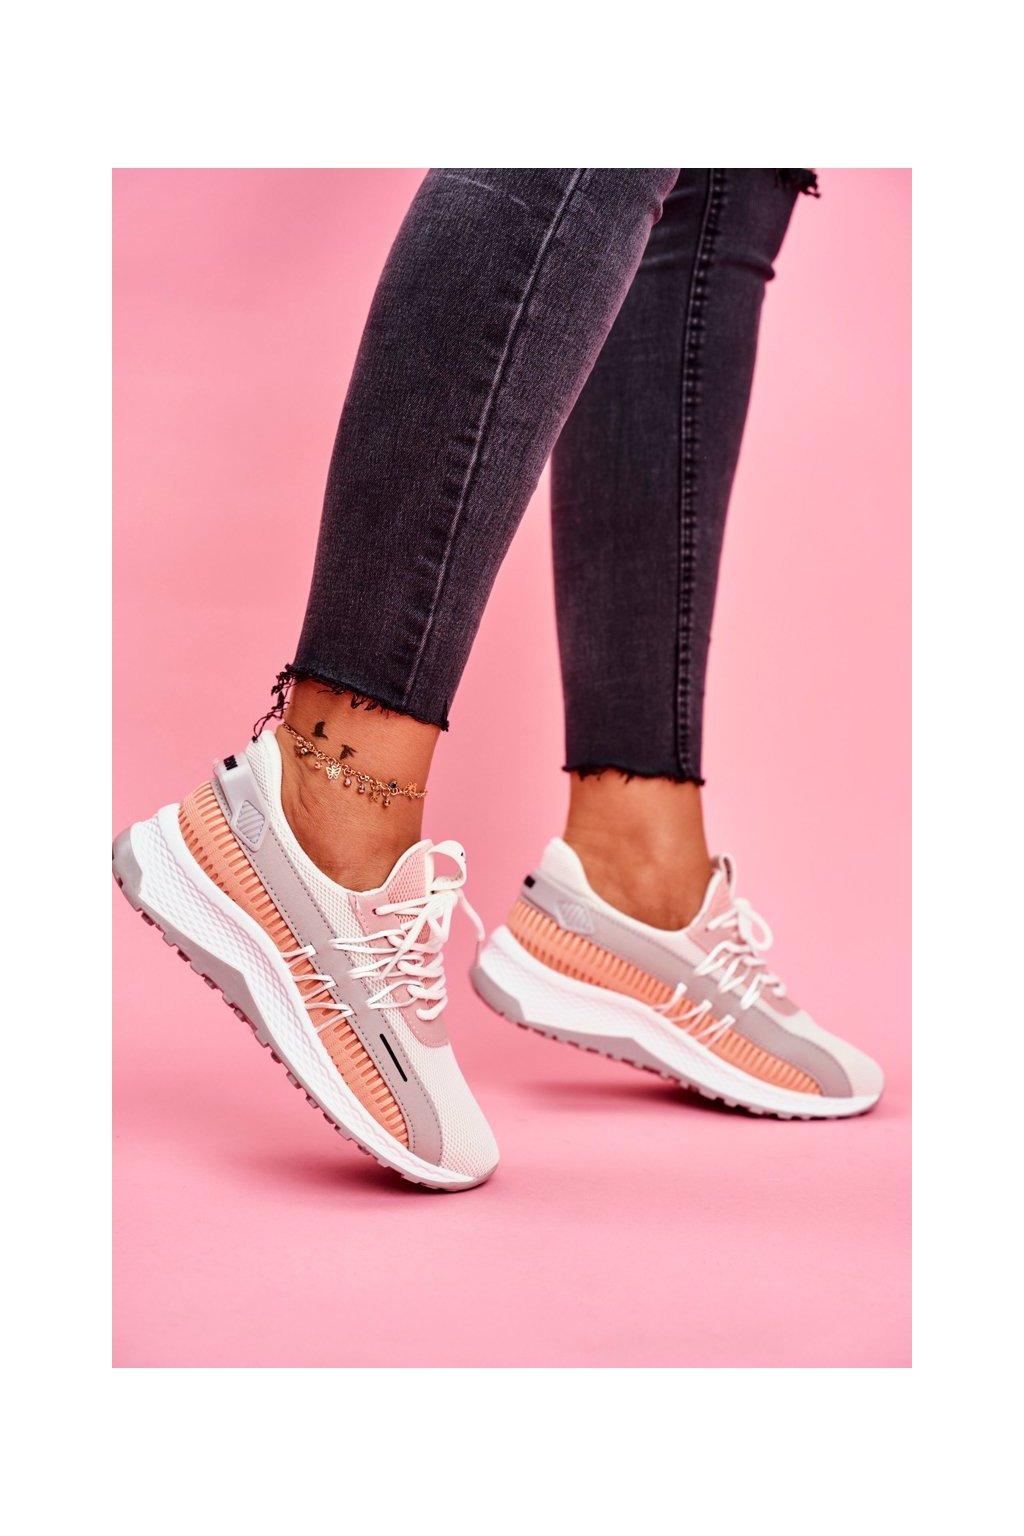 Dámska športová obuv Sneakers biela Pamela